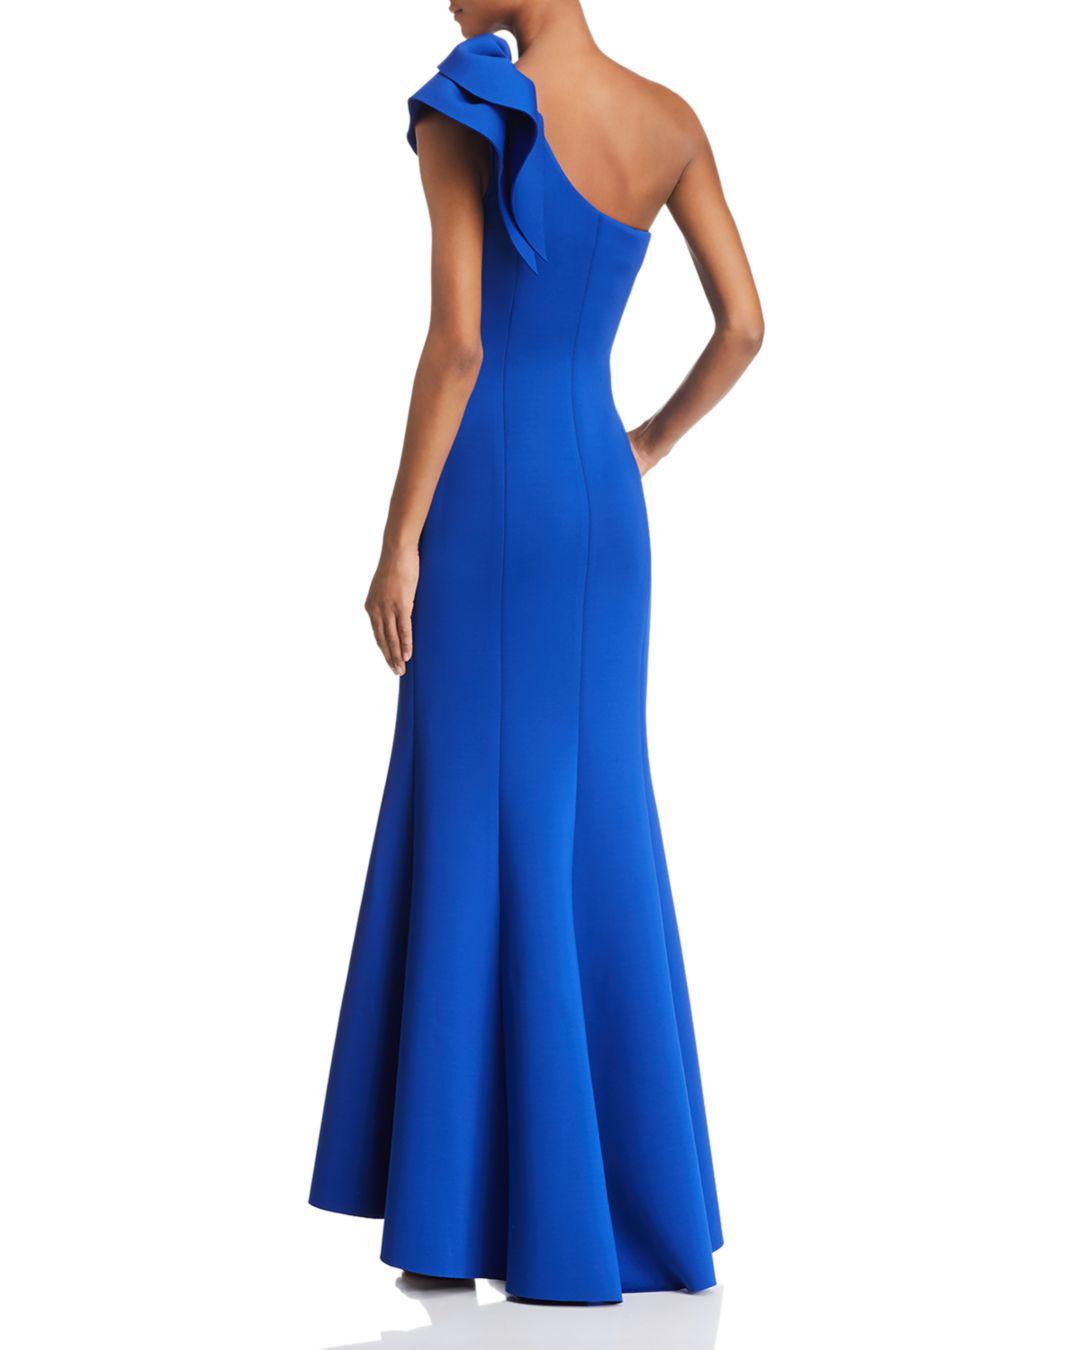 778f792187 Eliza J One-shoulder Scuba Gown in Blue - Lyst